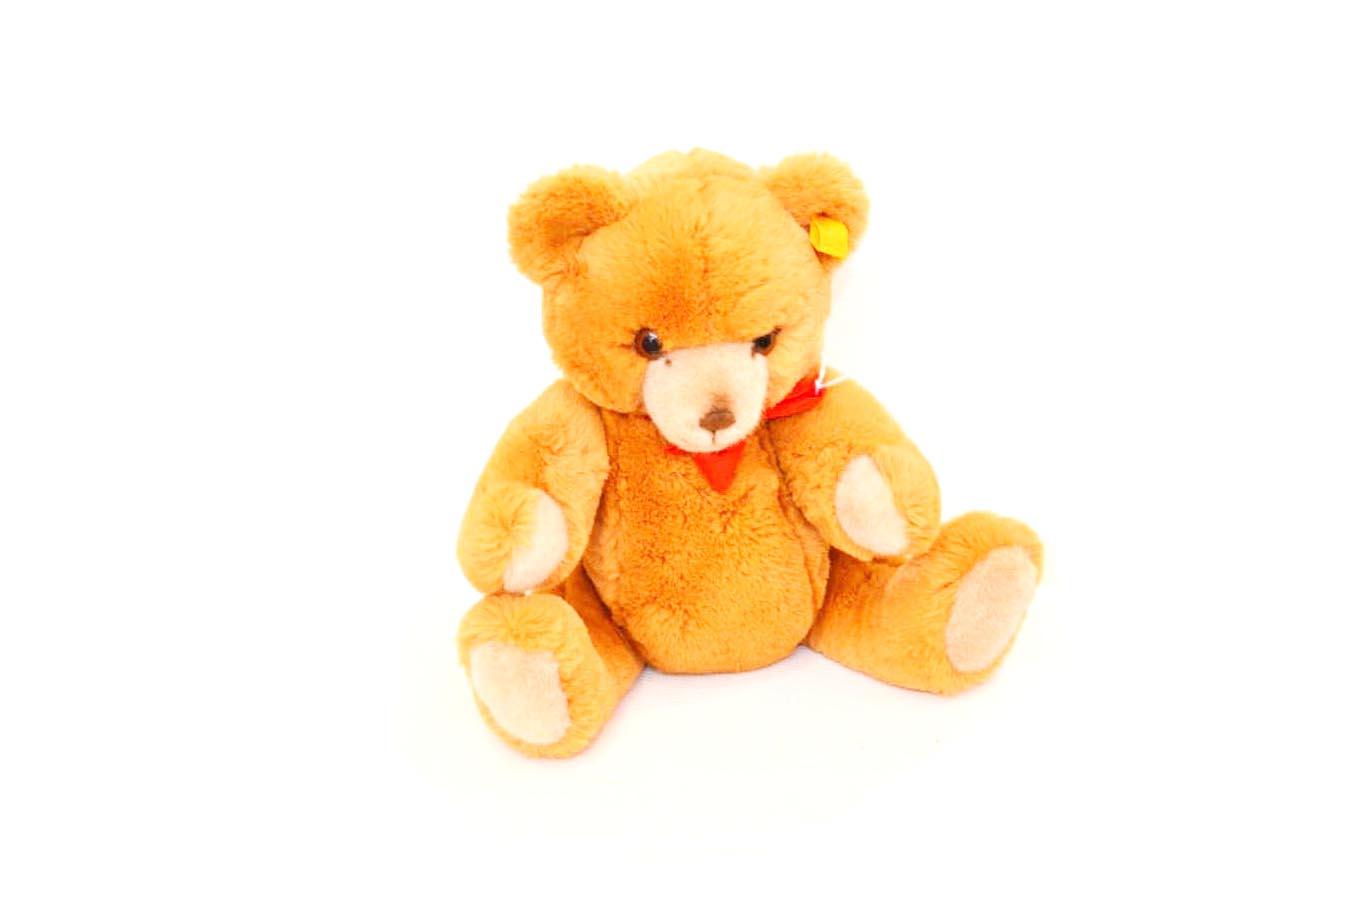 Lot 53 - A Cute Steiff Teddy Bear